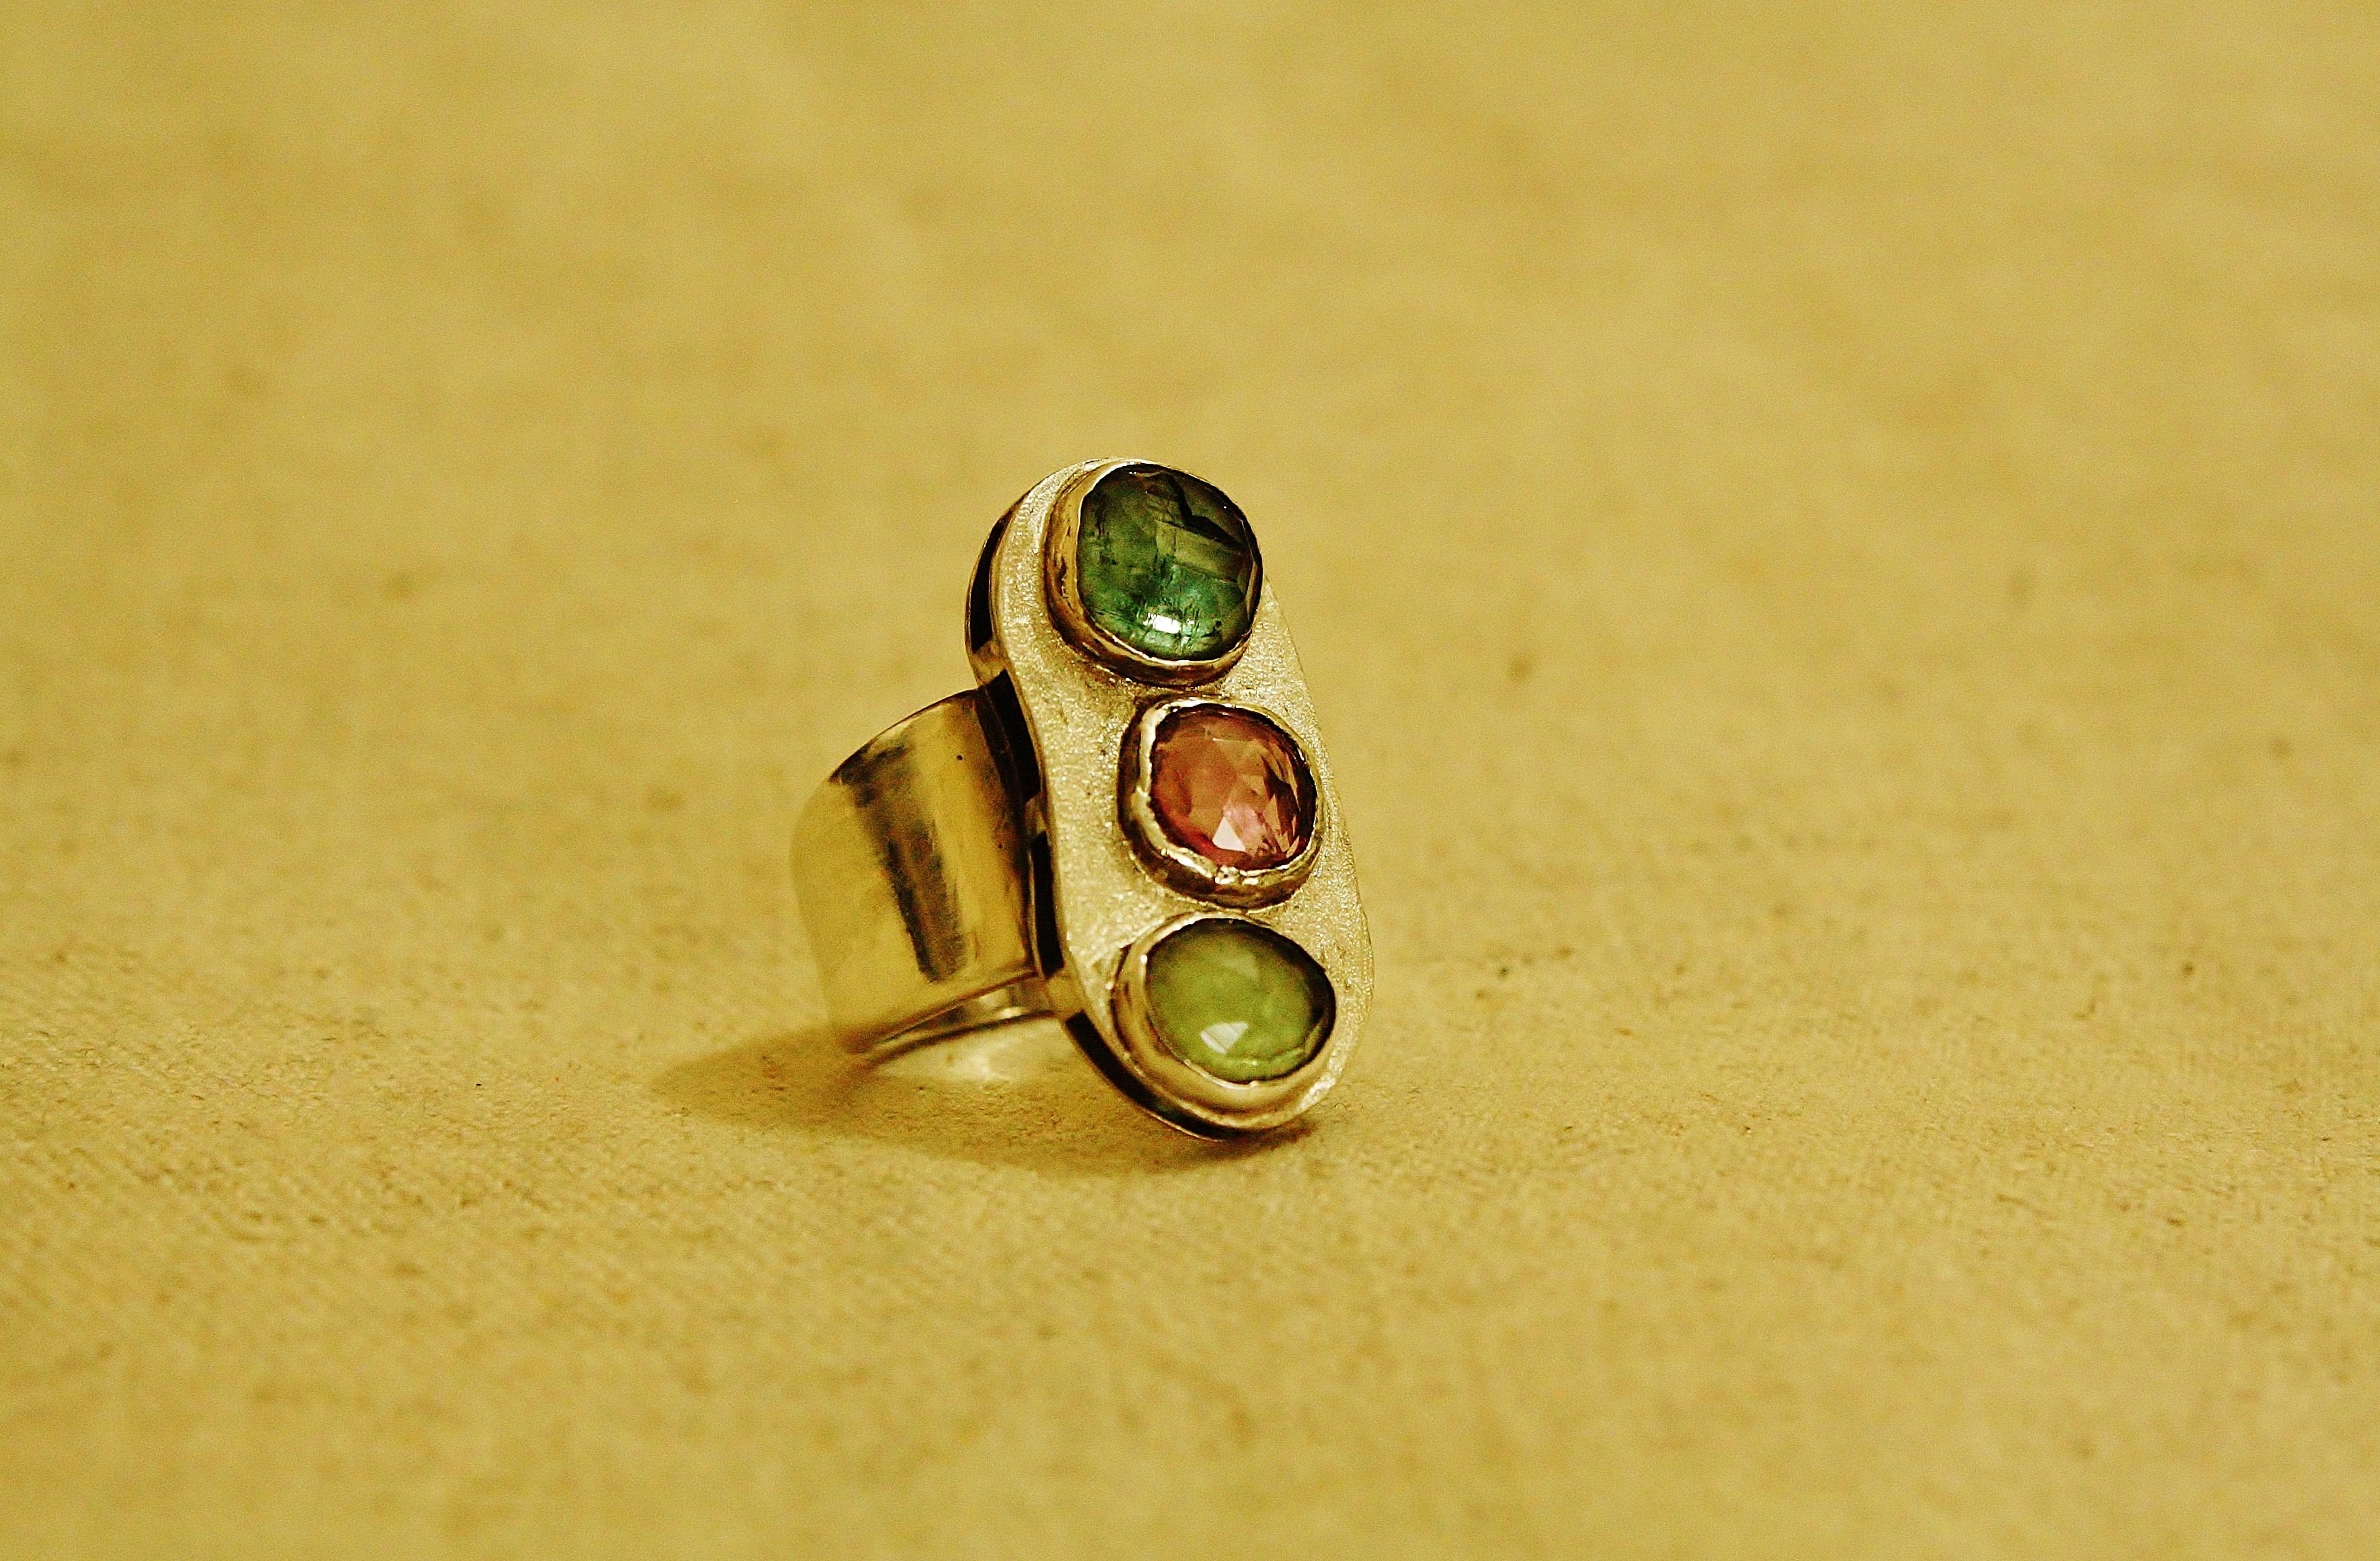 טבעת כסף וטורמלין צבעוני